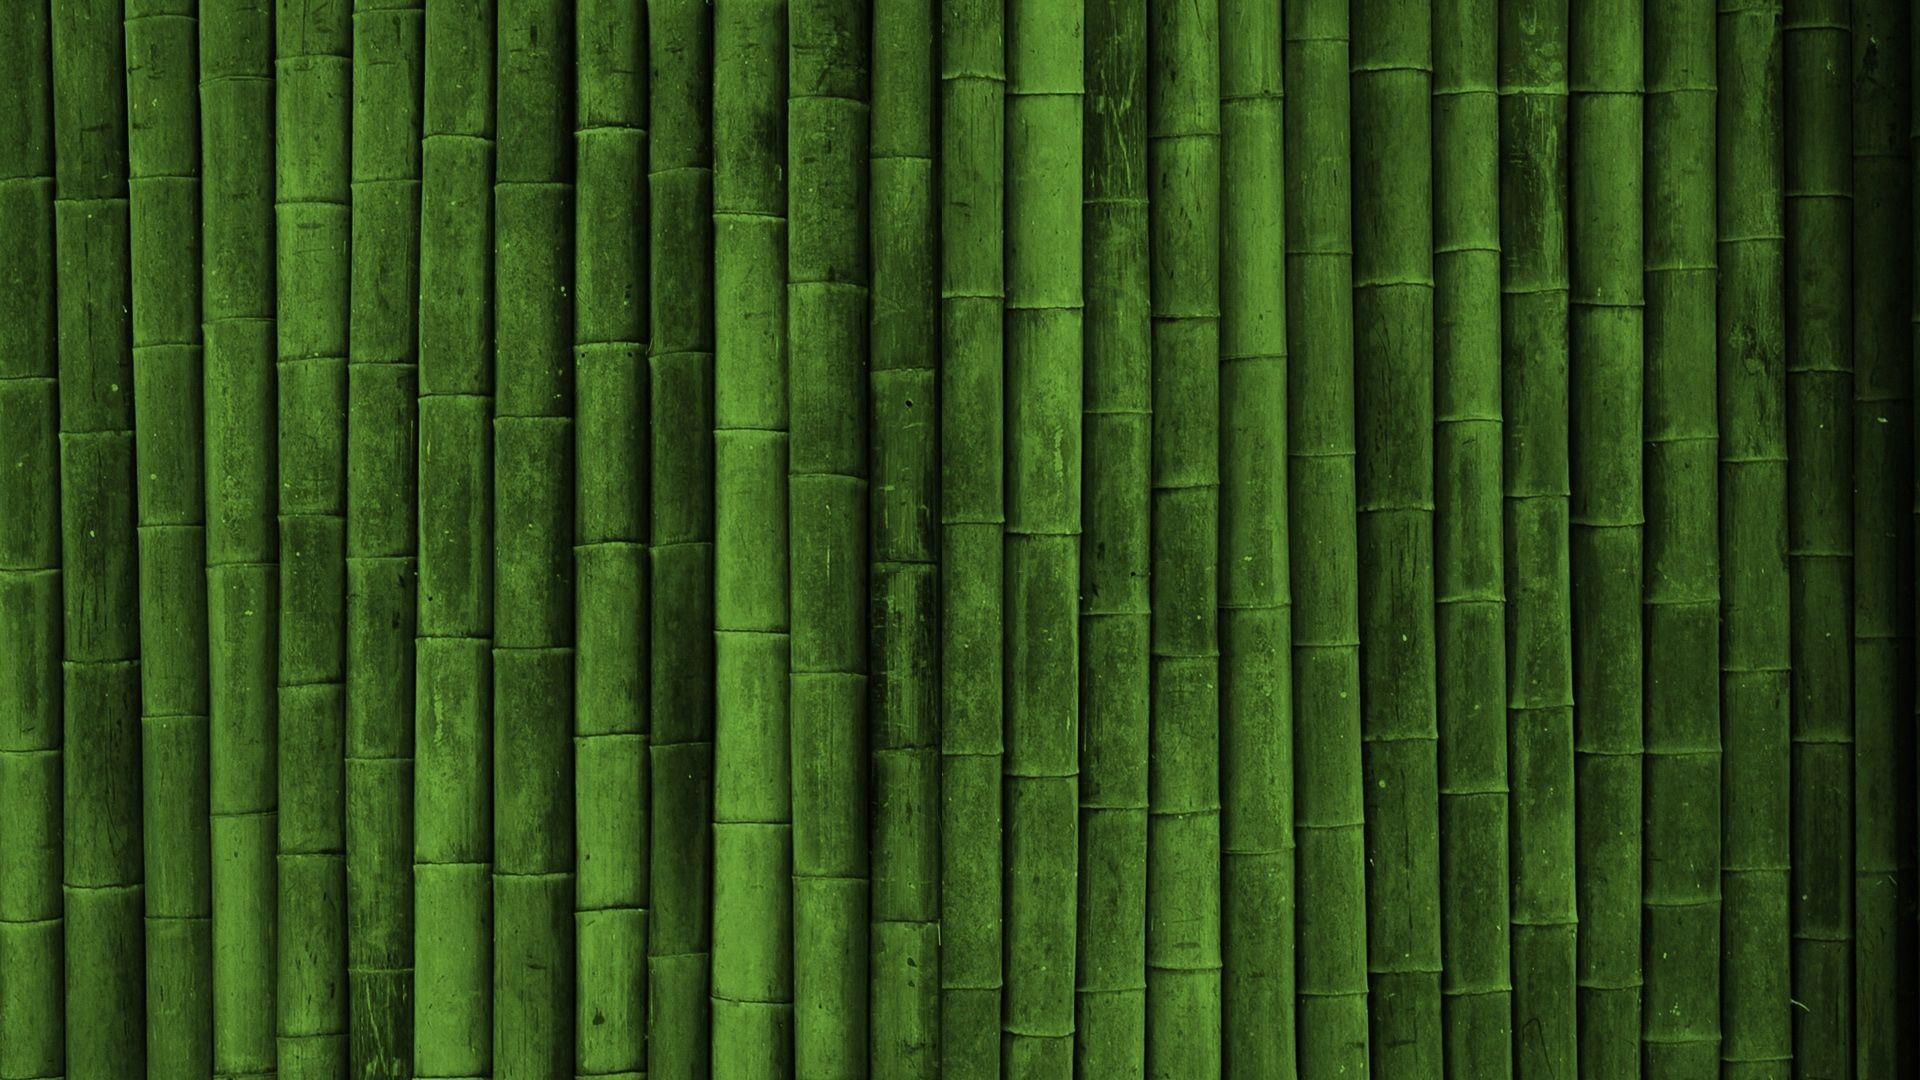 Widescreen Wallpaper 21197